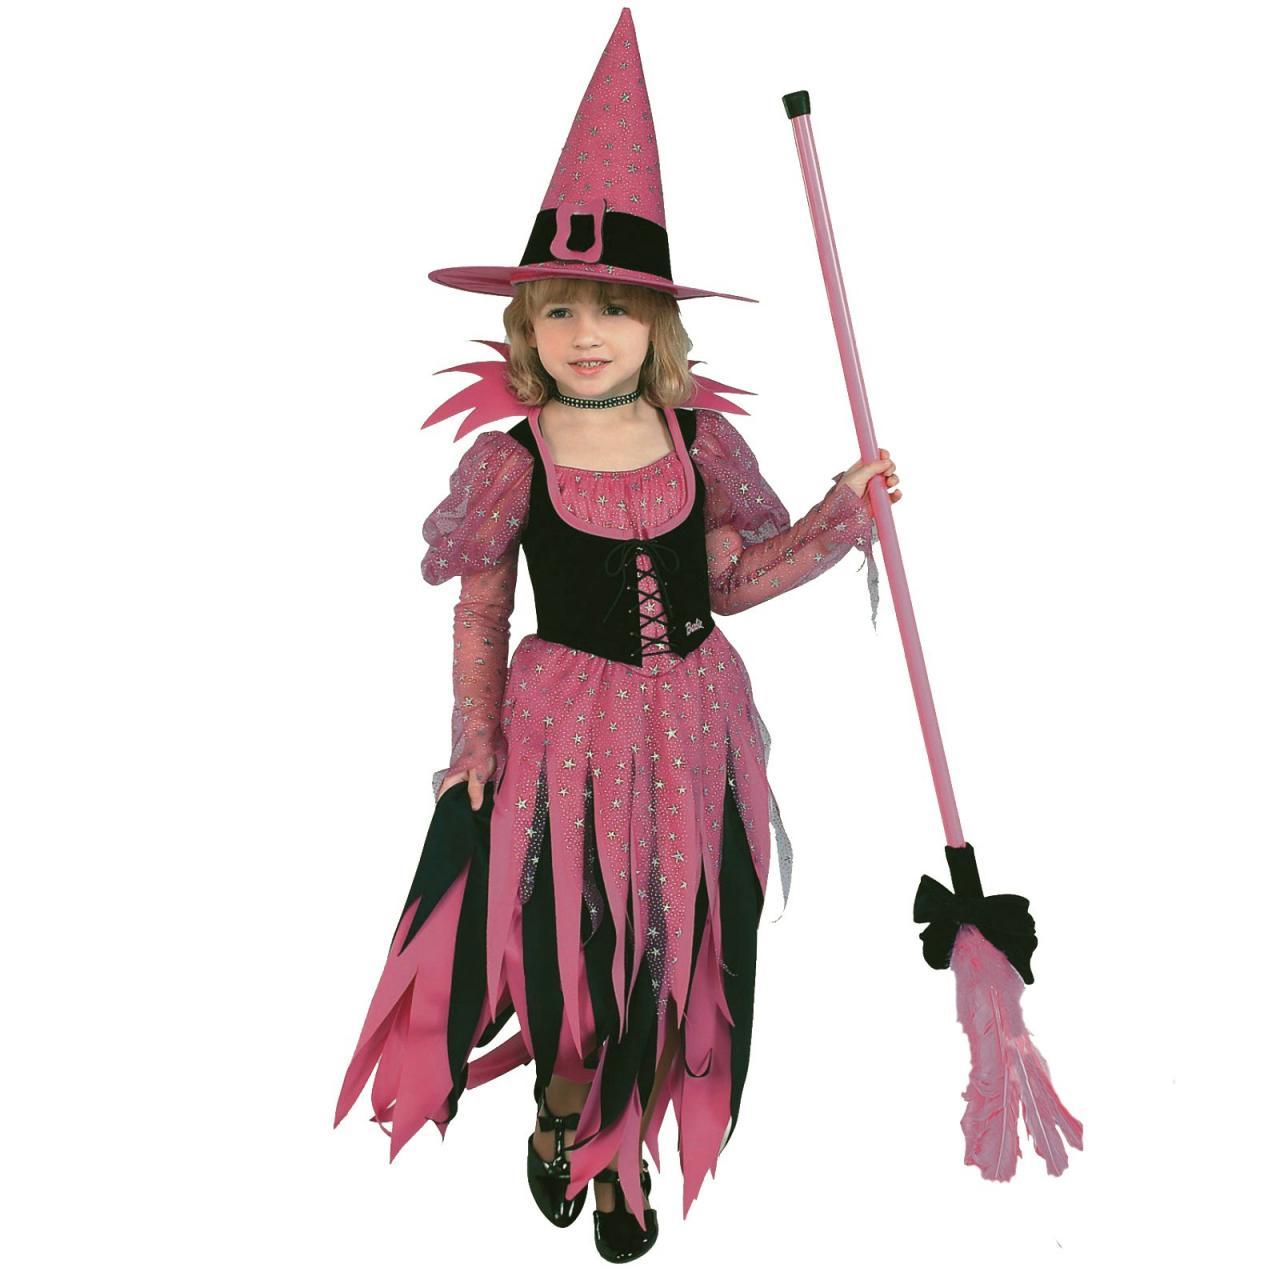 صور ازياء تنكرية للاطفال , تشكيله من ملابس تنكريه للطفل